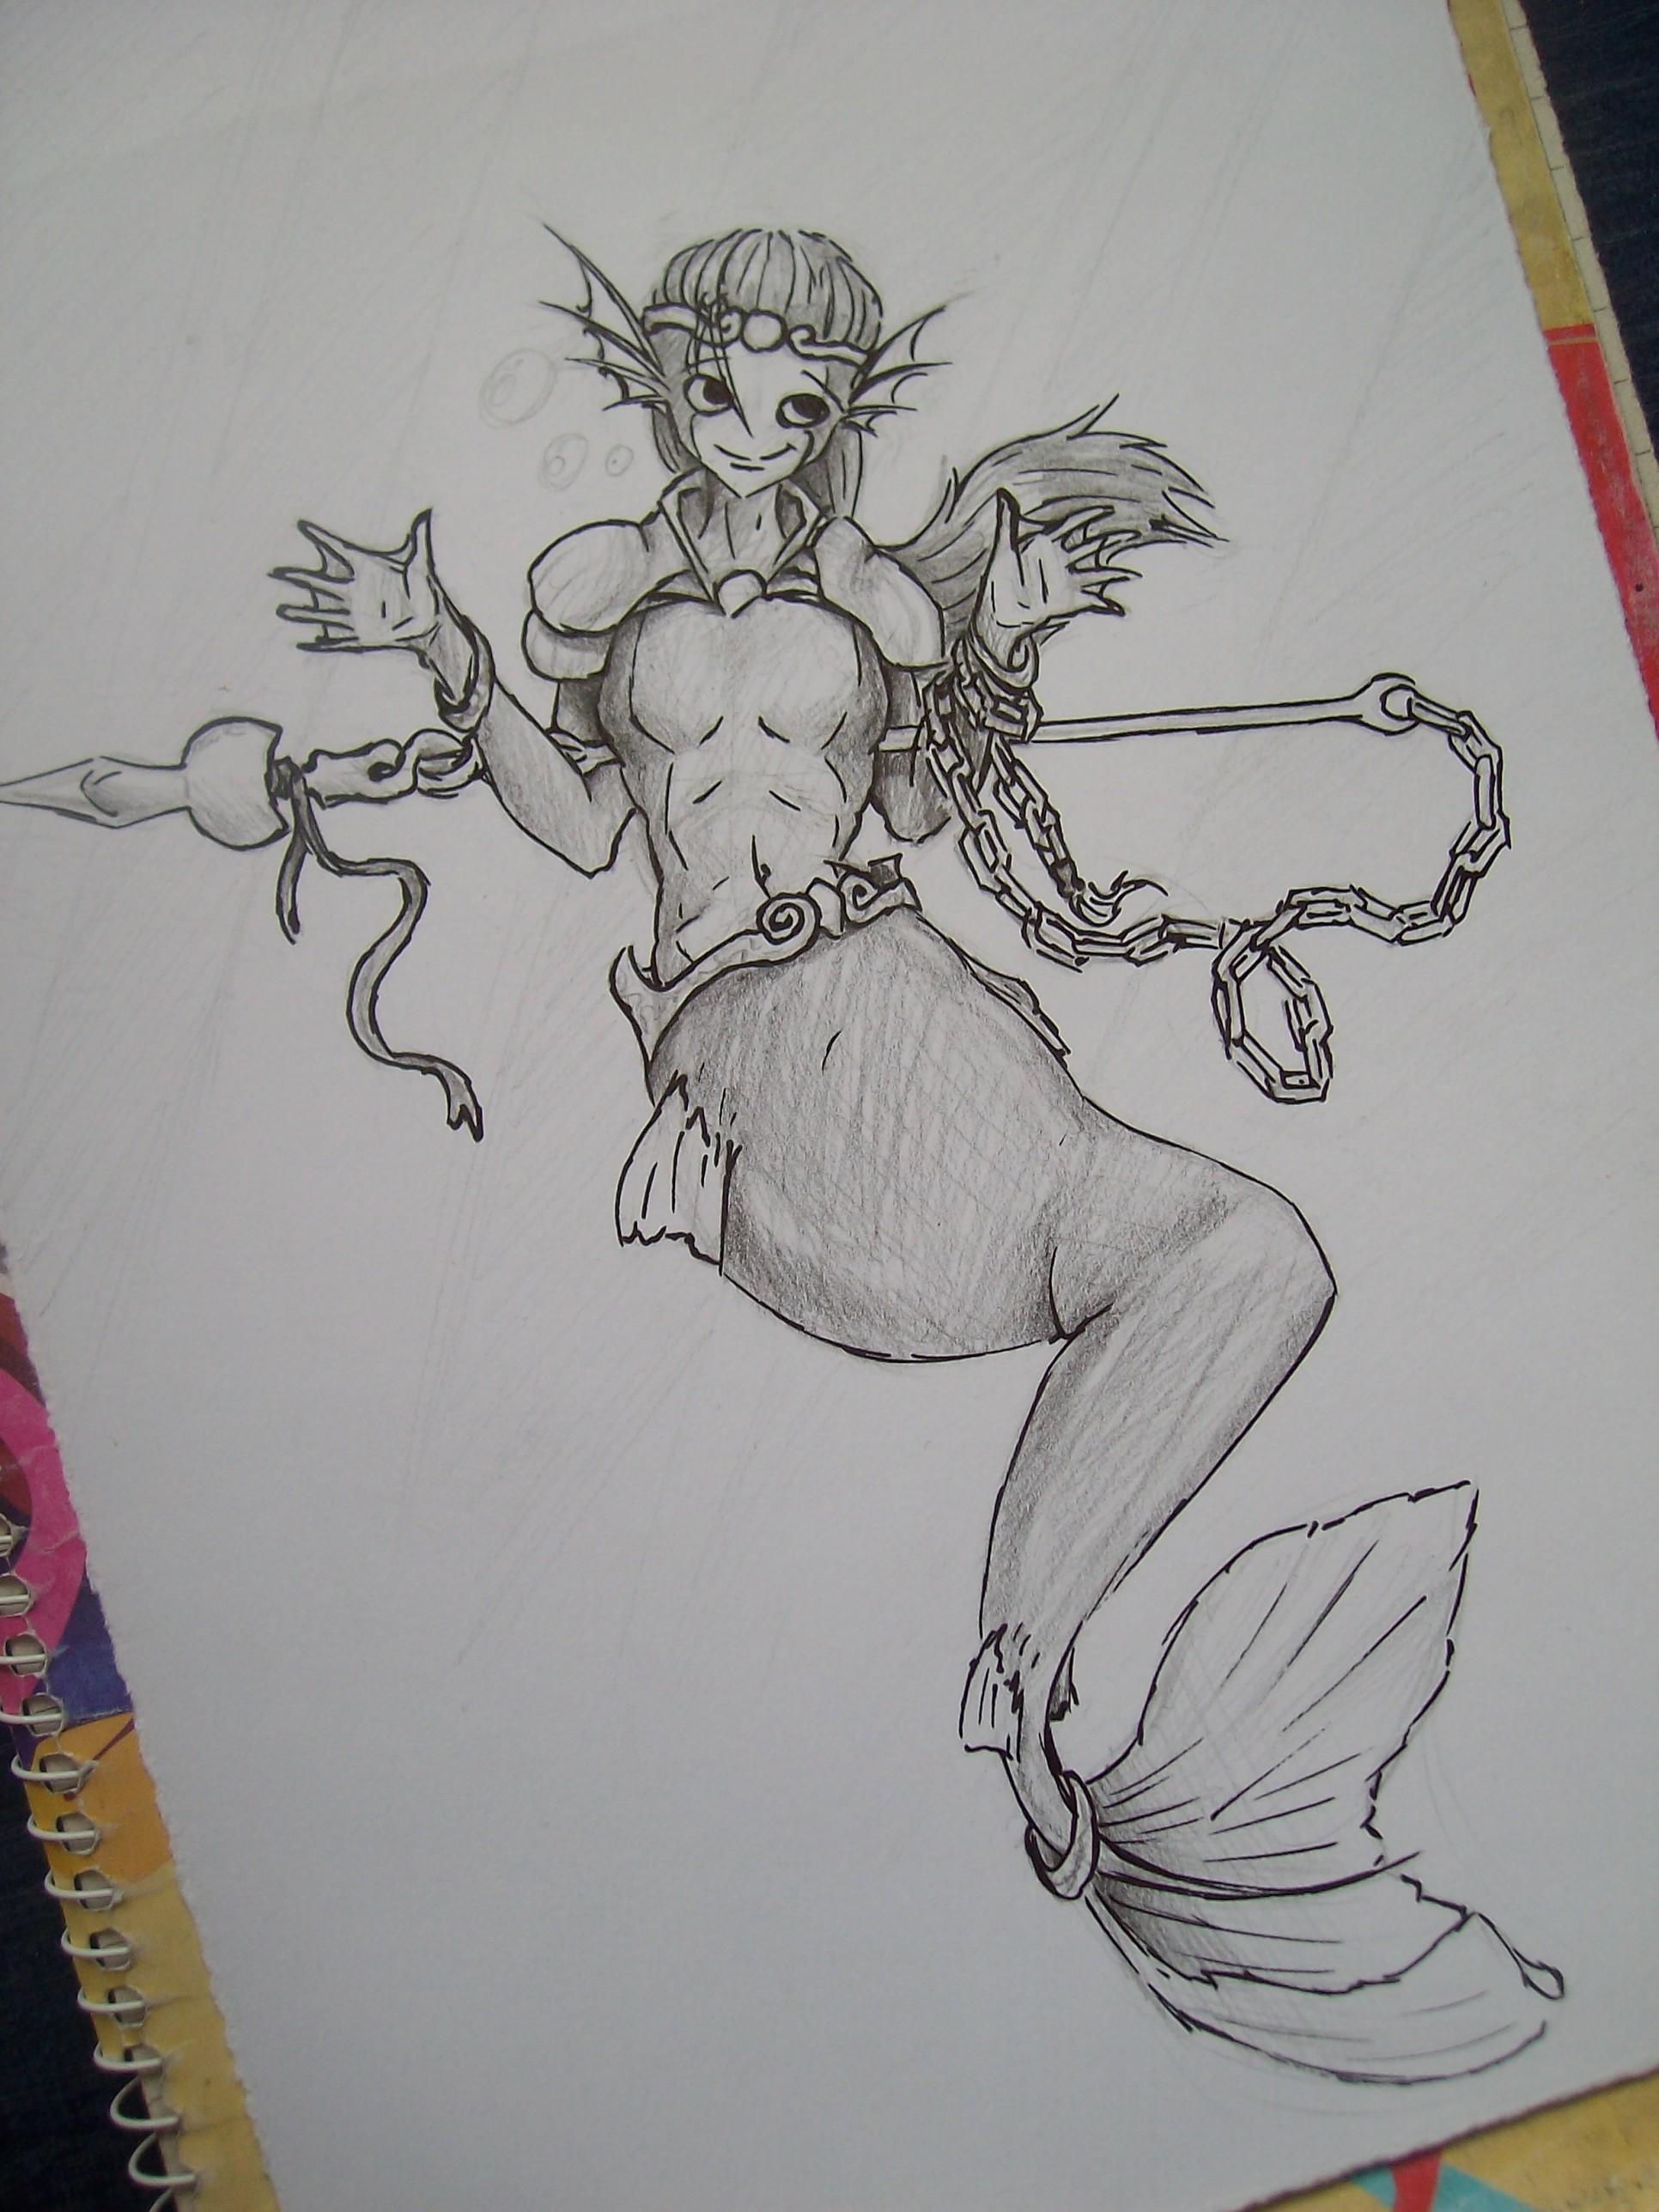 Sketch - Merman's apprentice